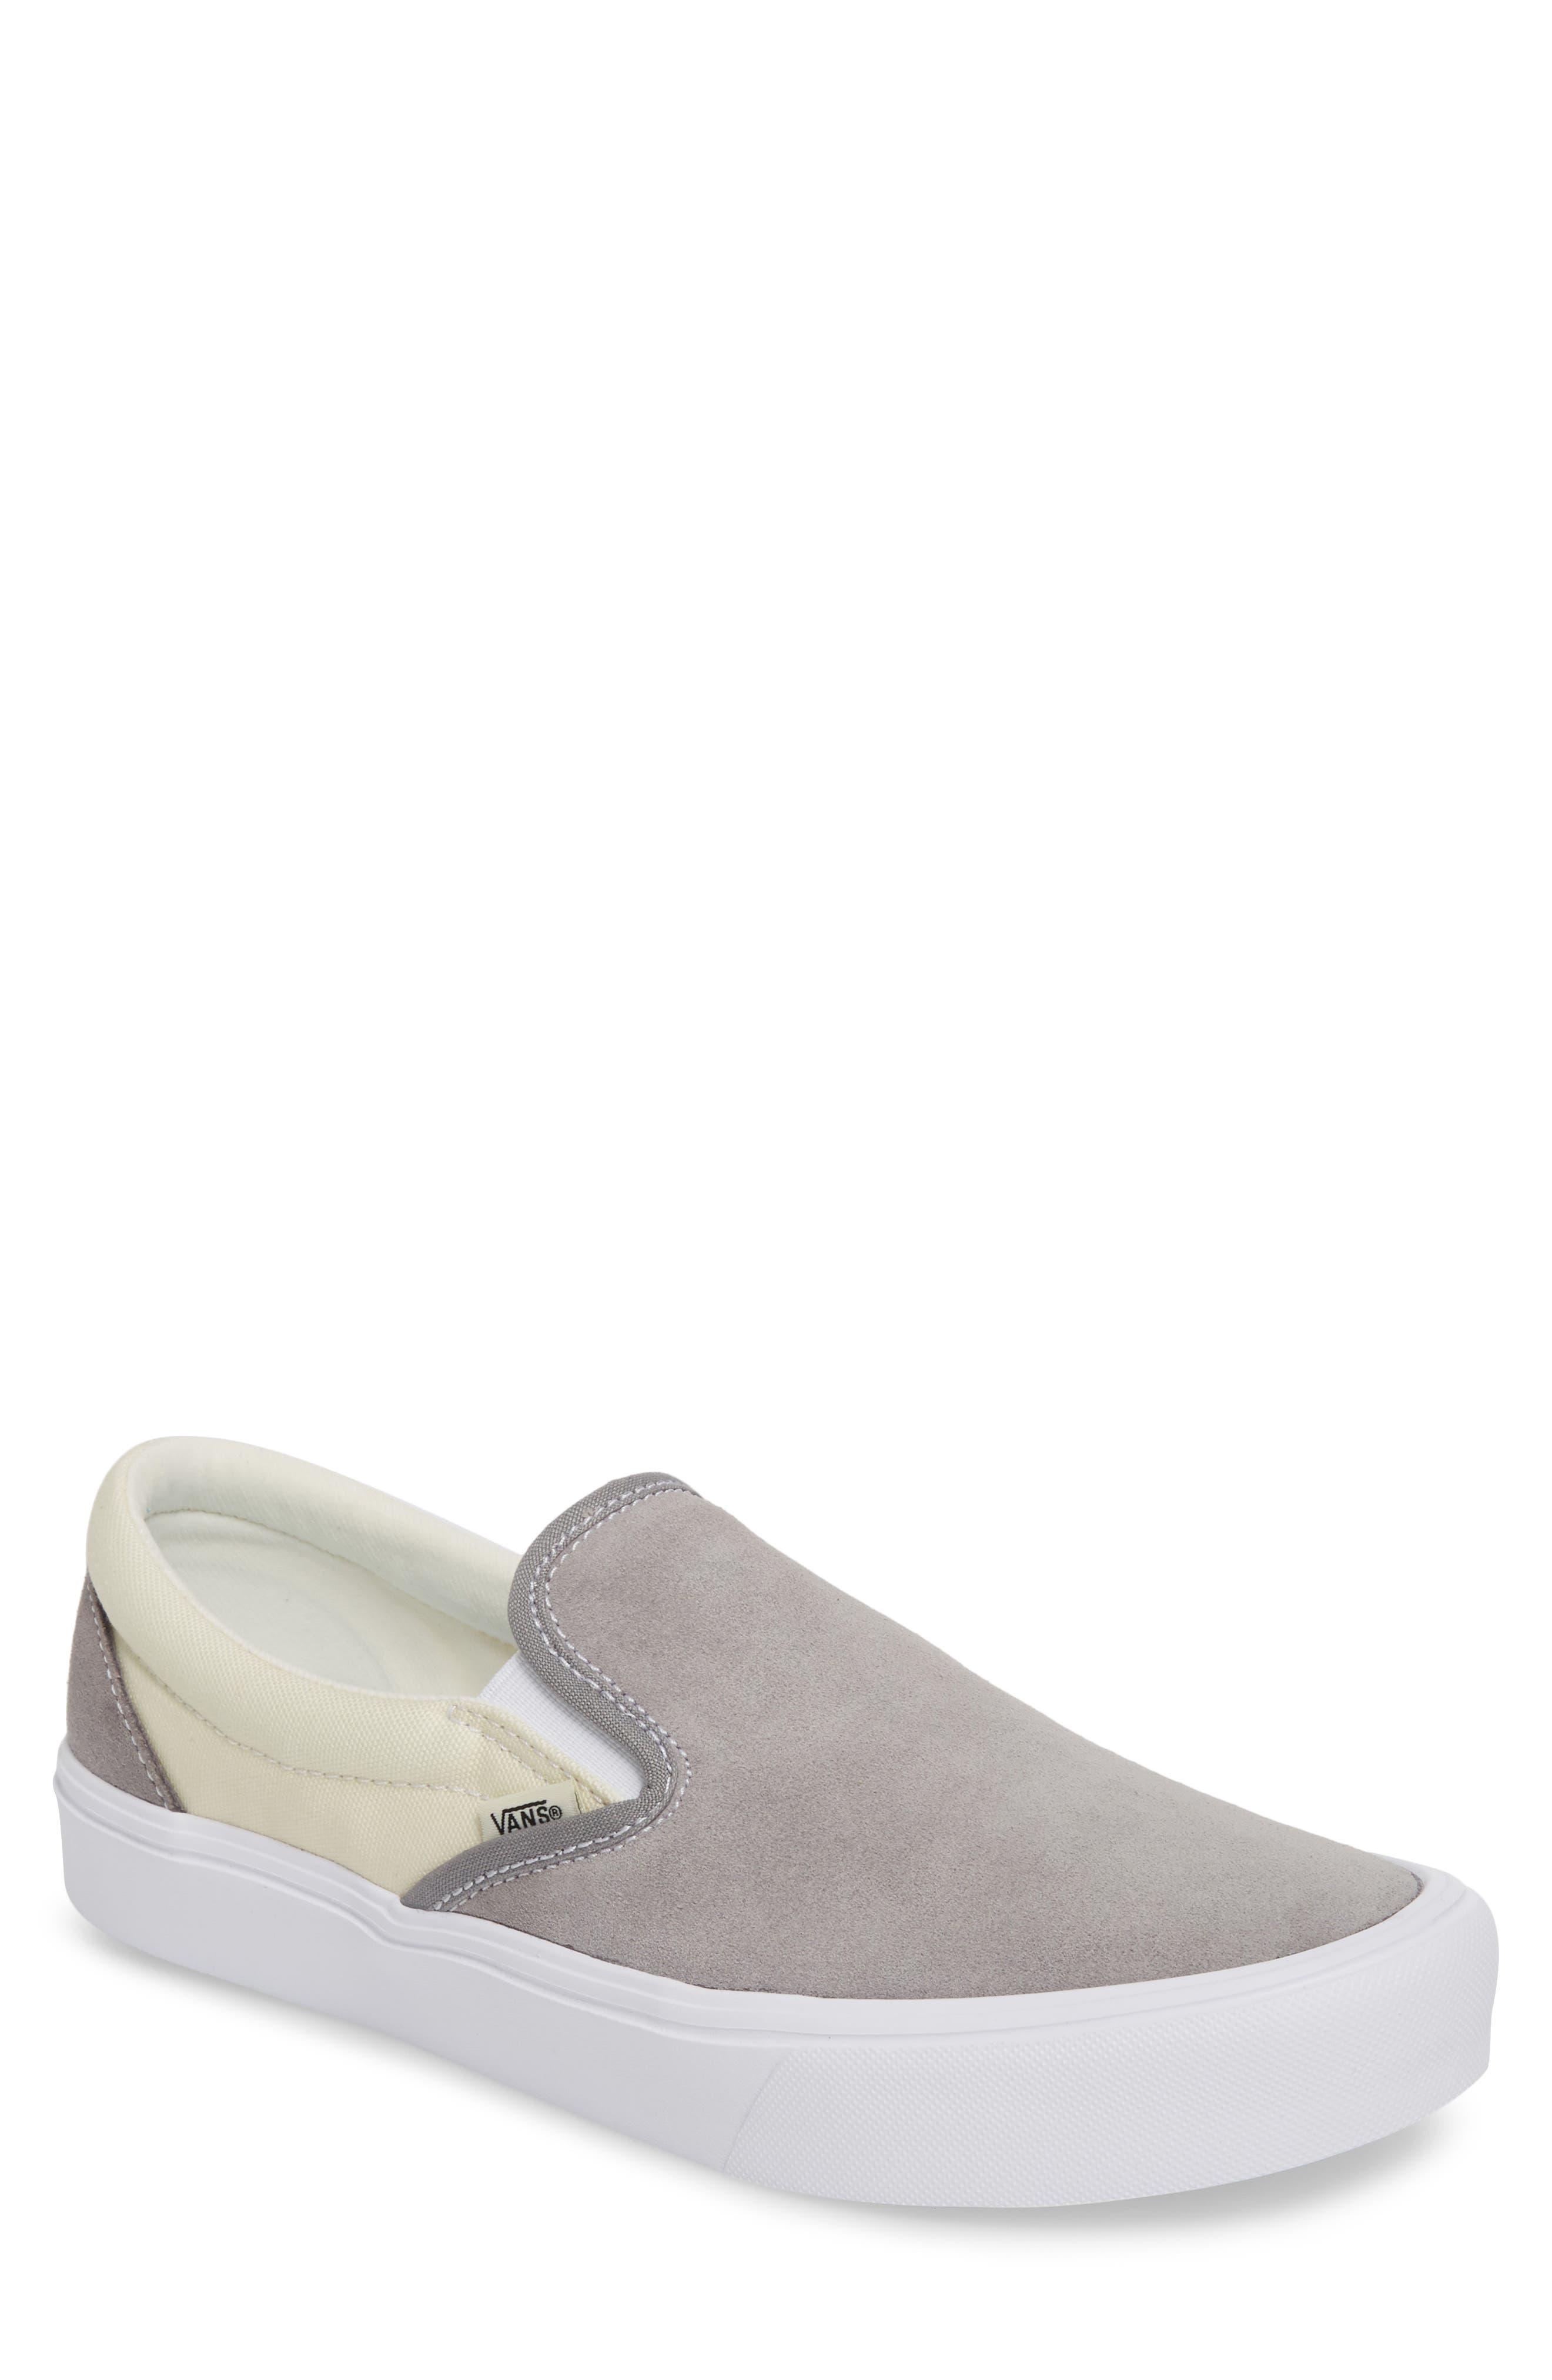 Lite Slip-On Sneaker,                             Main thumbnail 1, color,